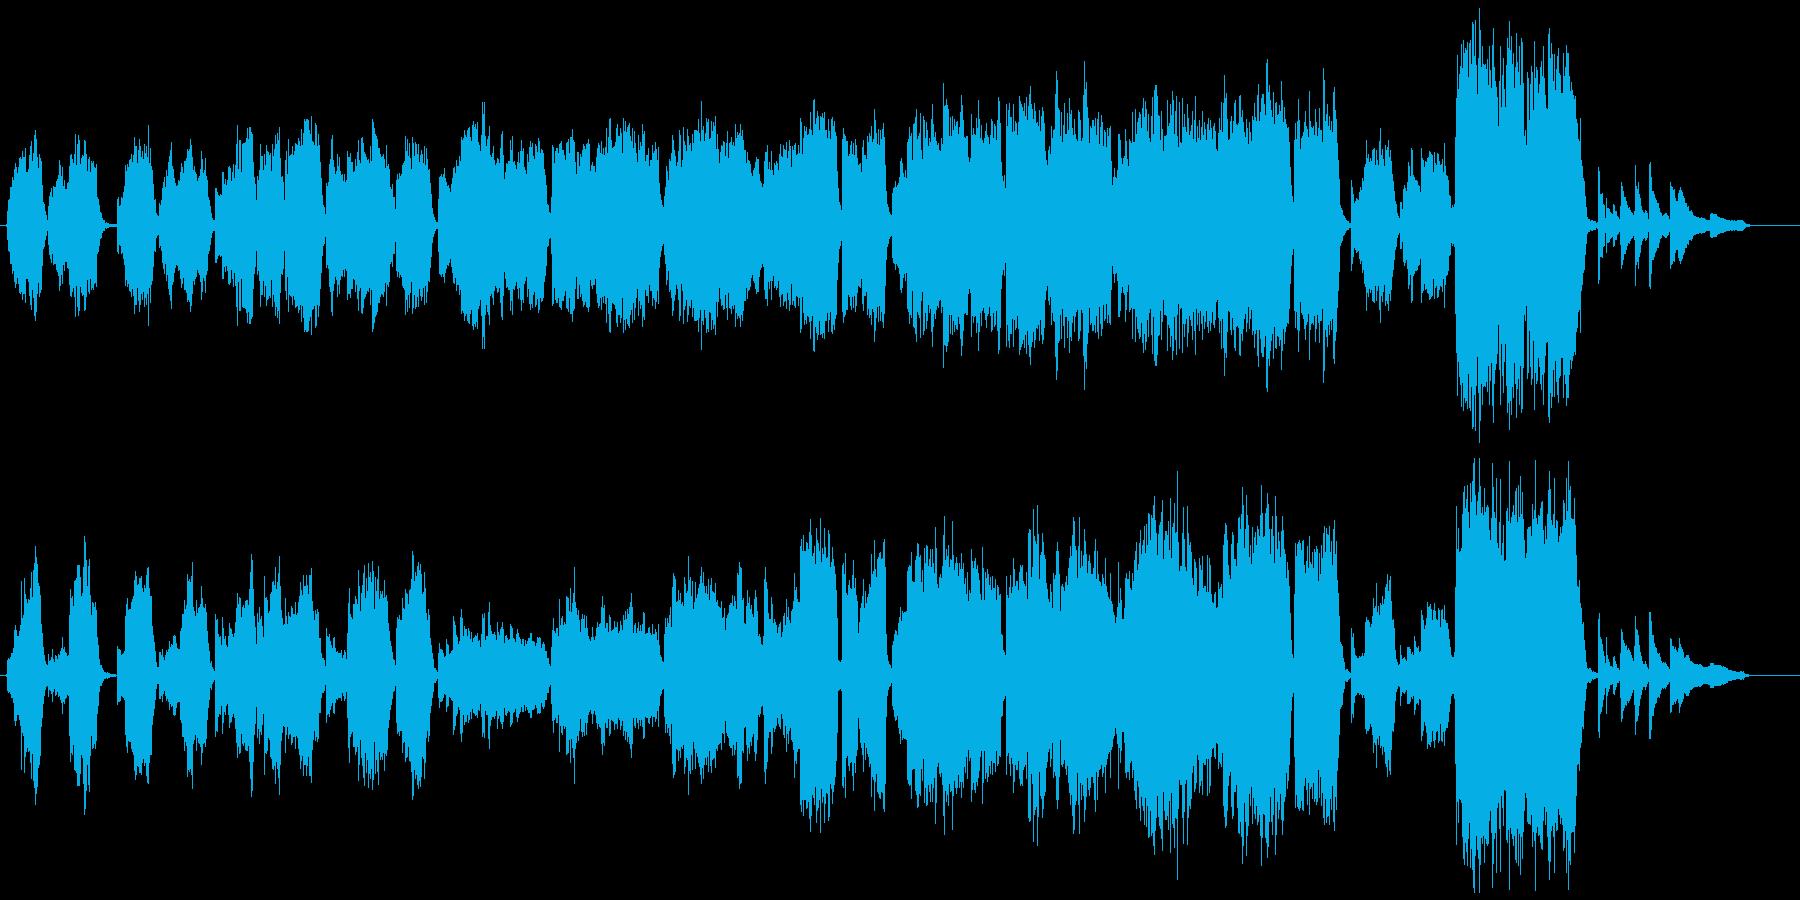 エンディング、感動的なオーケストラ楽曲の再生済みの波形